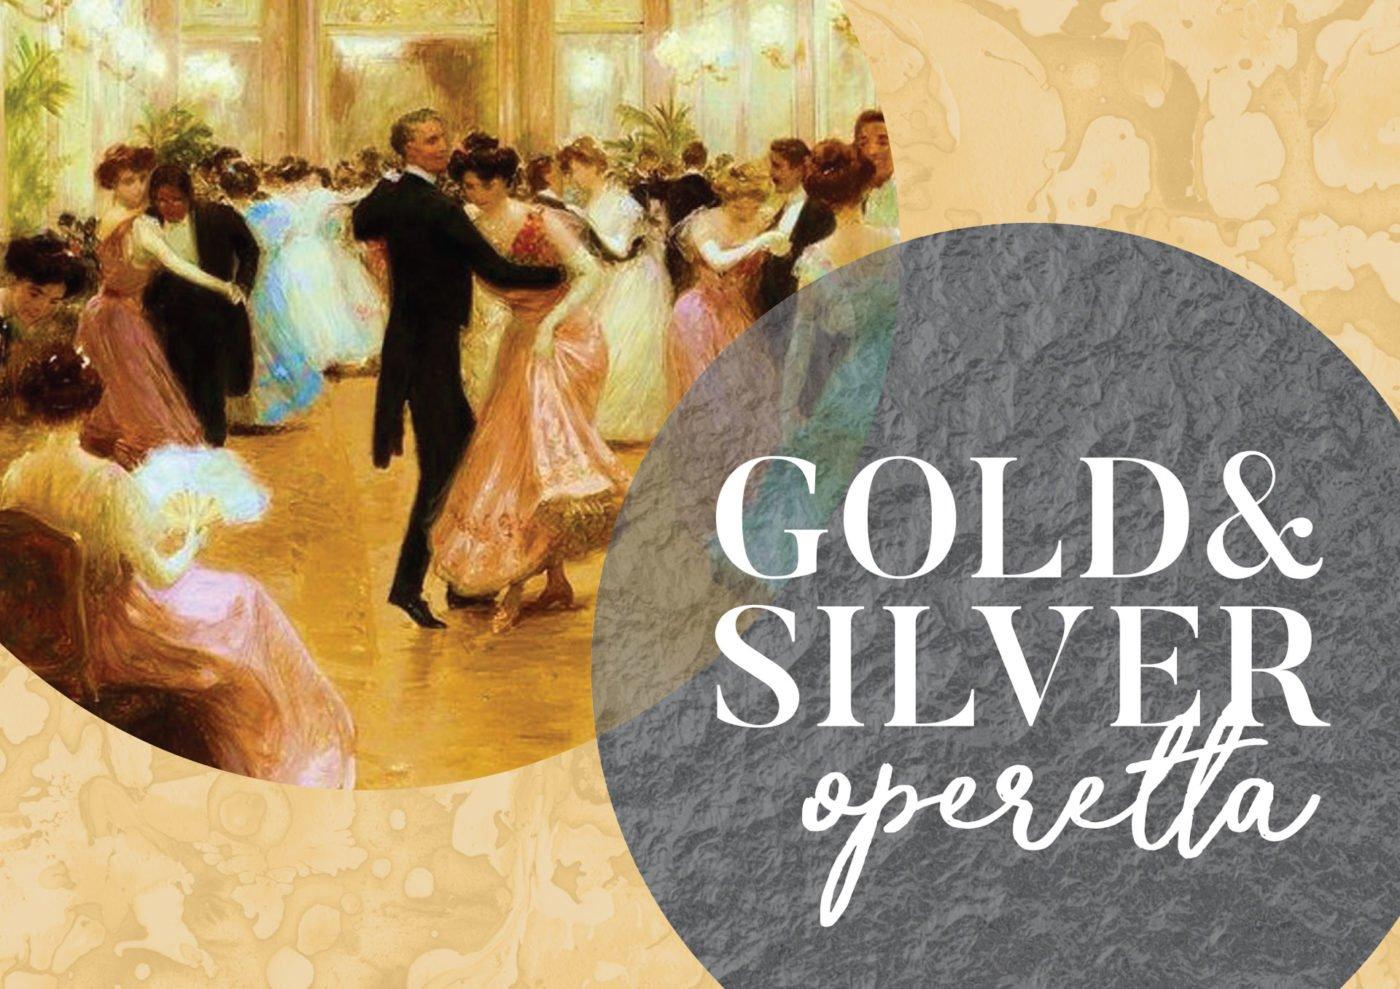 Gold & Silver Operetta - GSOV Season 2018